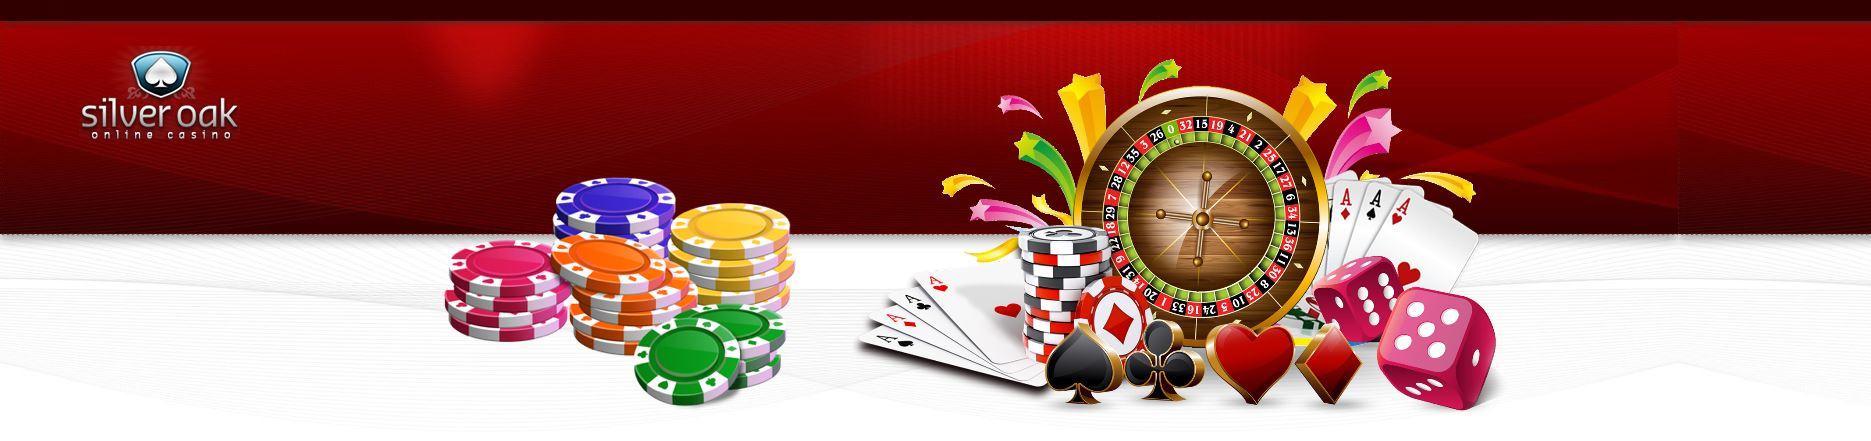 SilverOak Online Casino Review